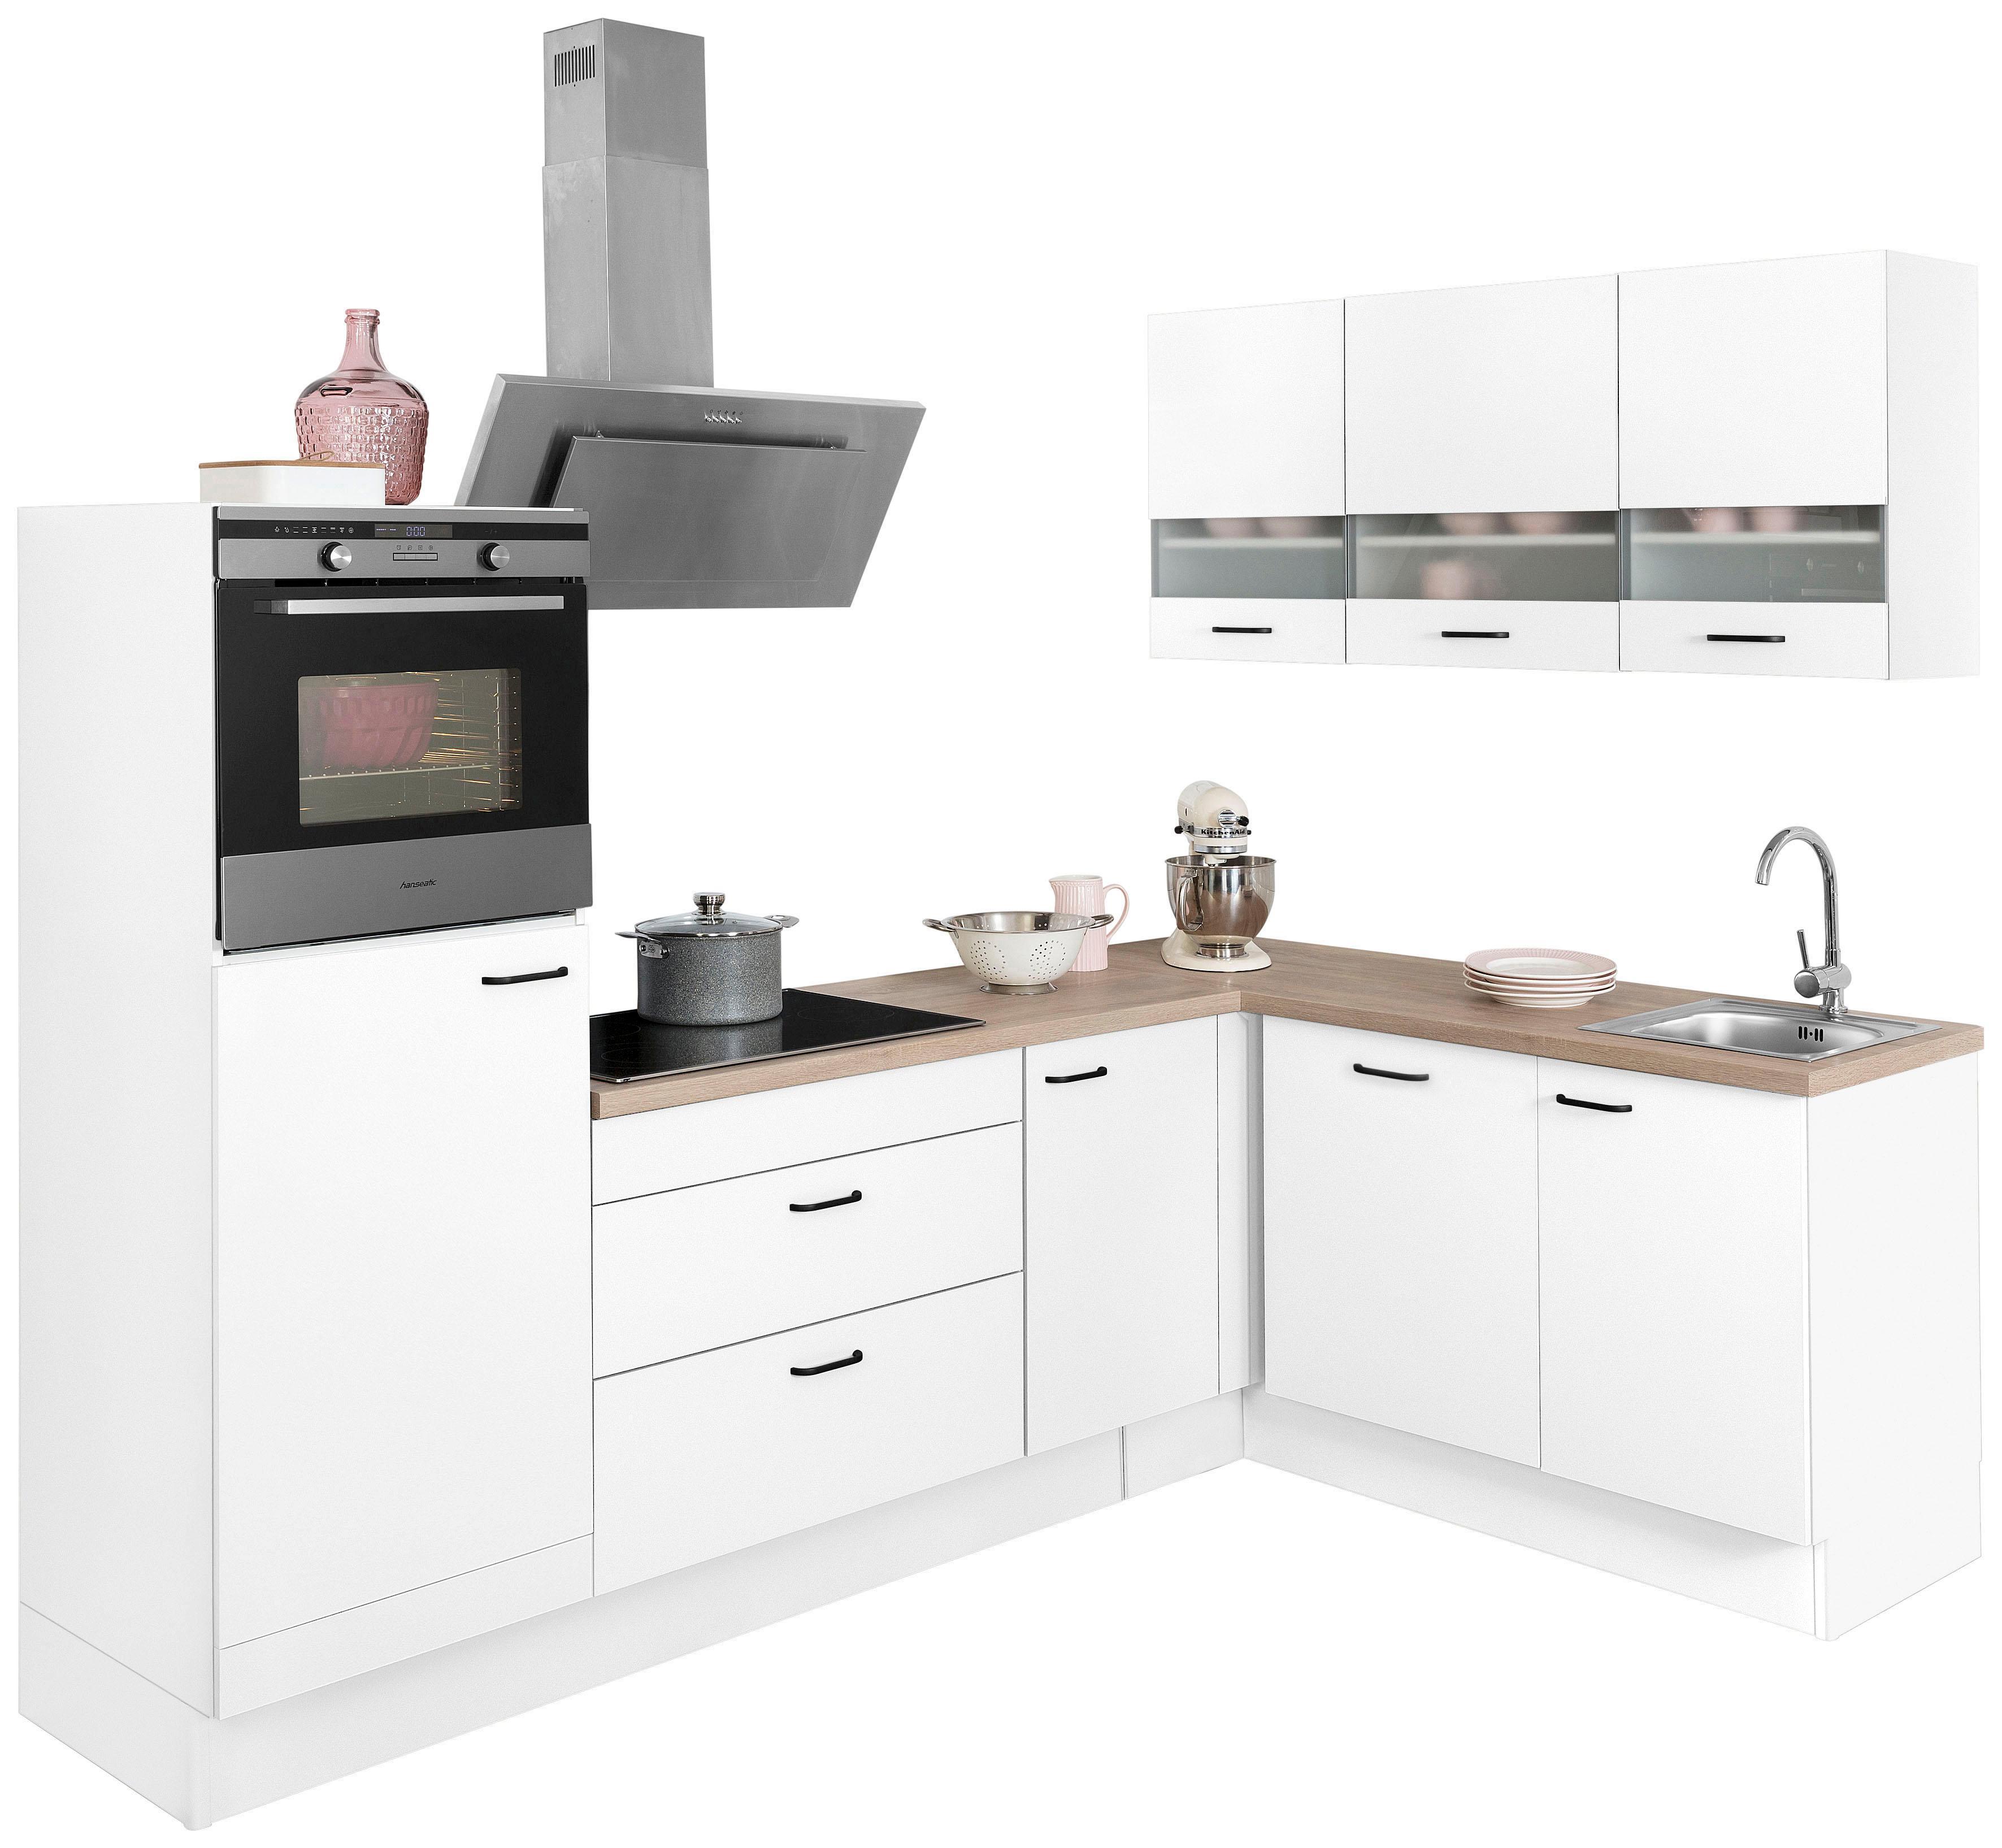 OPTIFIT Winkelküche ohne E-Geräte »Elga«, Stellbreite 265 x 175 cm   Küche und Esszimmer > Küchen > Winkelküchen   Weiß   Eiche - Nachbildung - Edelstahl - Melamin   OPTIFIT